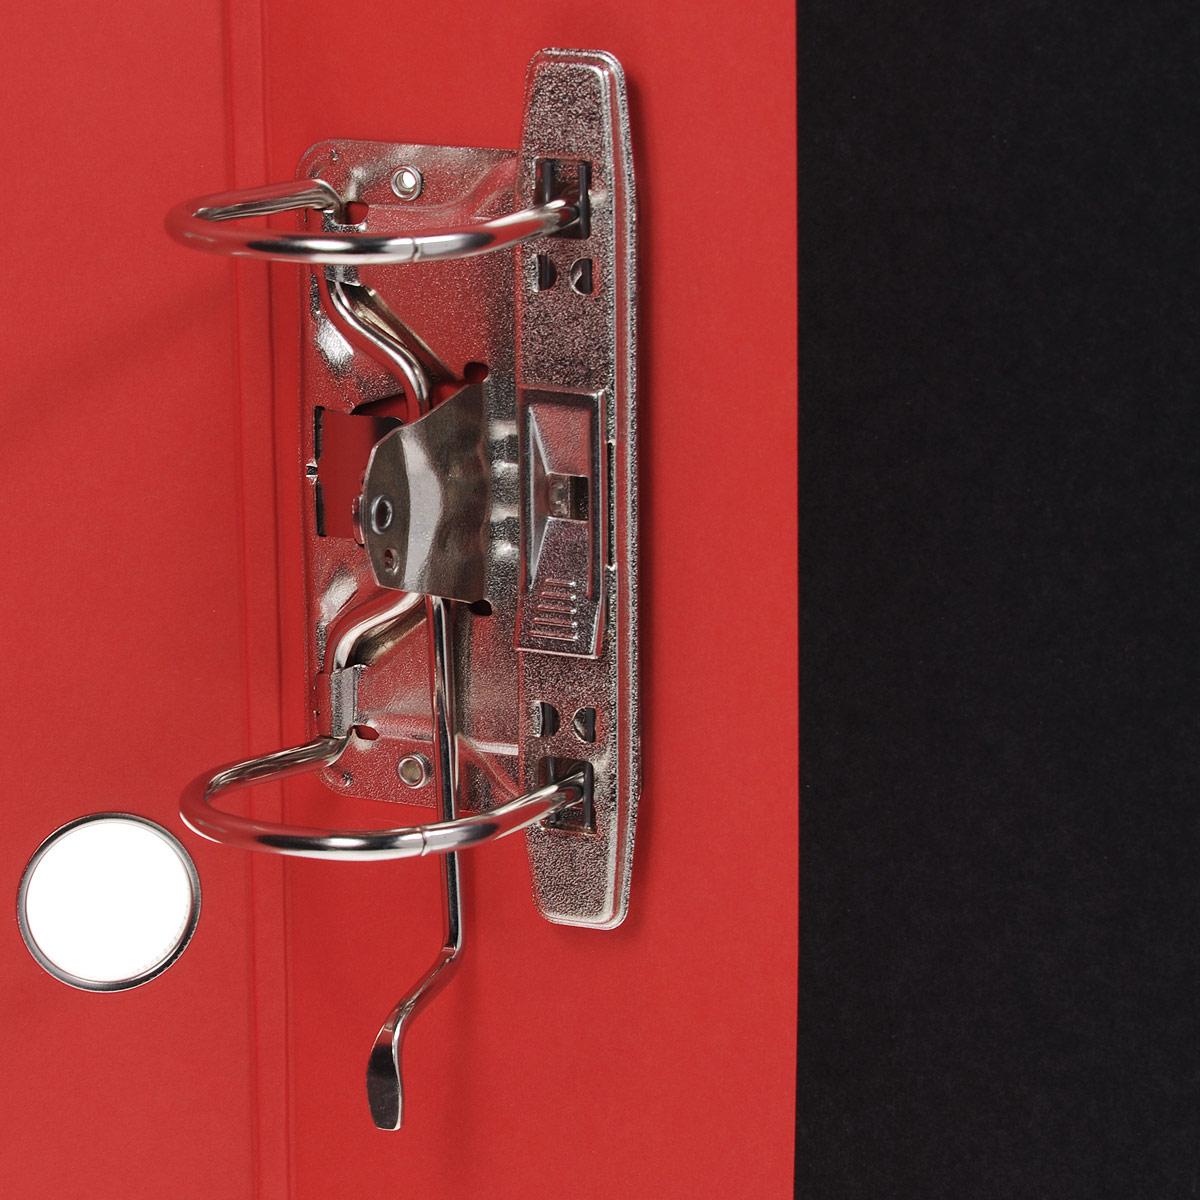 Красочная папка-регистратор Hatber iFresh!: Гранат пригодится в каждом офисе и доме для хранения больших объемов документов. Внешняя сторона папки выполнена из плотного ламинированного картона и оформлена увеличенным изображением зерен граната.Папка-регистратор оснащена надежным арочным механизмом крепления бумаги. Круглое отверстие в корешке папки облегчит ее извлечение с полки. Ширина корешка 5 см.